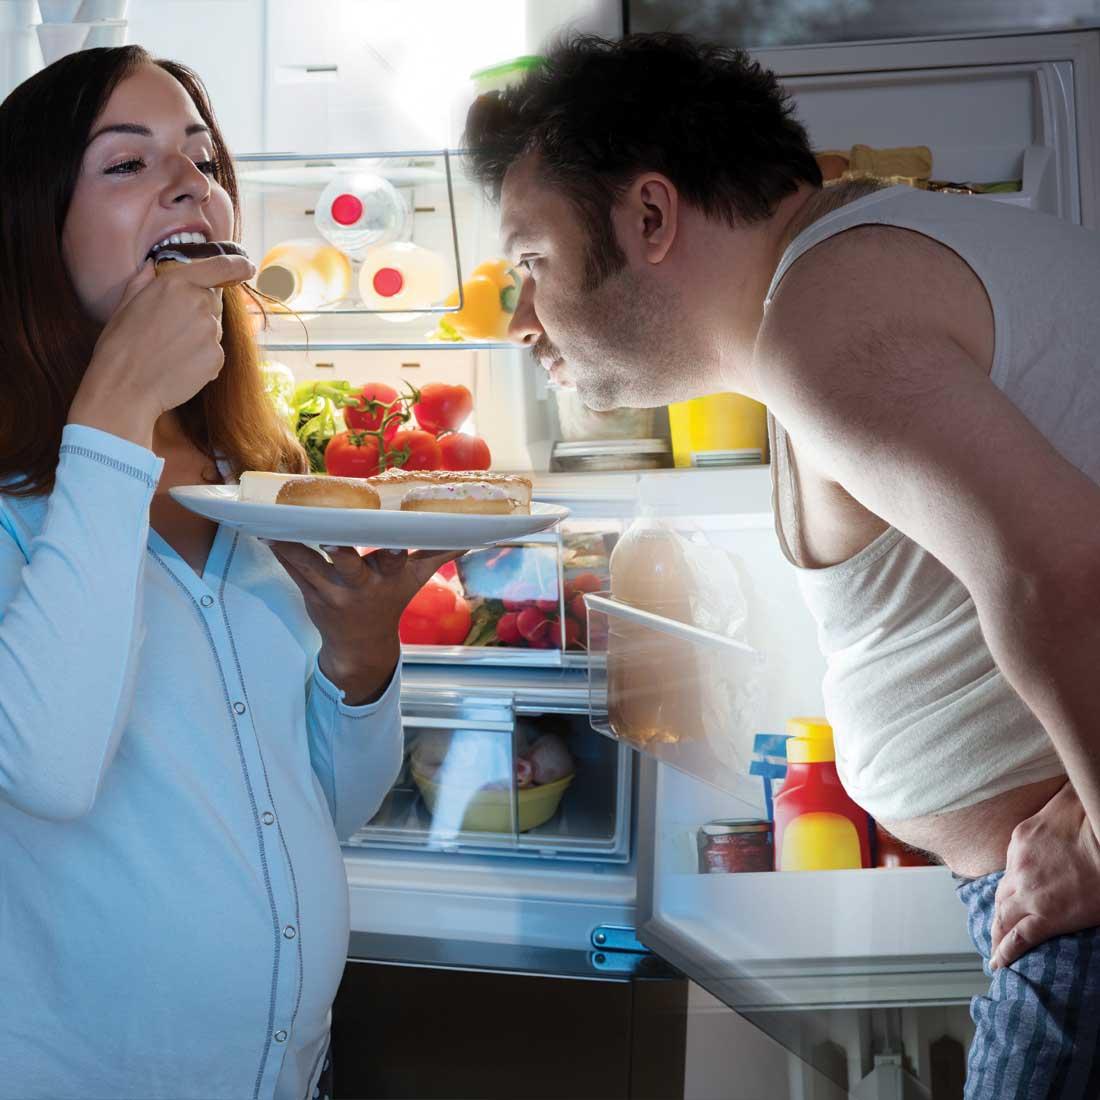 הרשמה לסדנה צאי מהמקרר להורדה במשקל מאת מאירה דהן מאמנת אישית